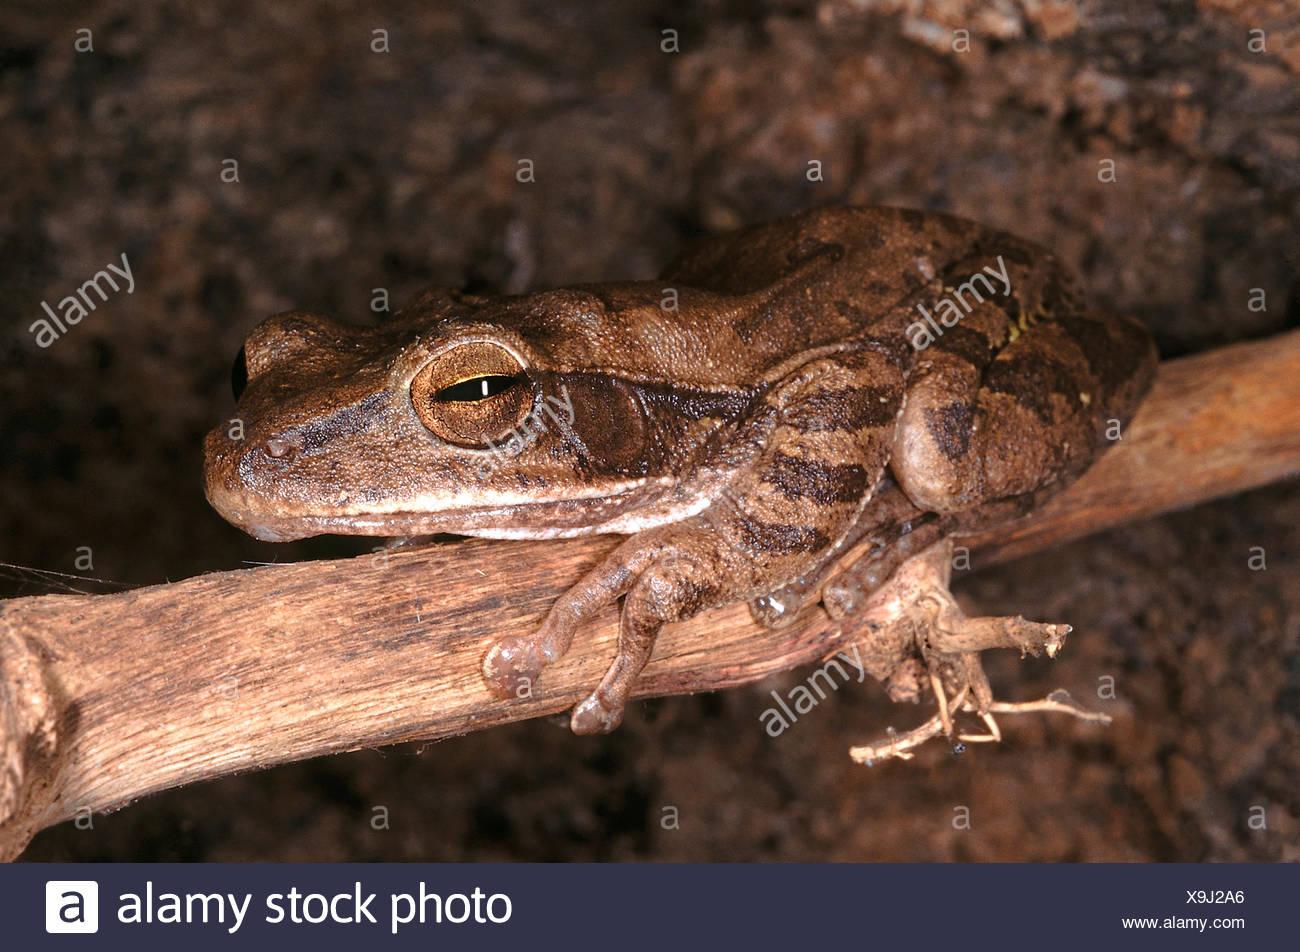 Polypedates maculatus. comune raganella. Una di medie dimensioni rana che si trova in umido bosco di latifoglie aree. Vive sugli alberi Immagini Stock